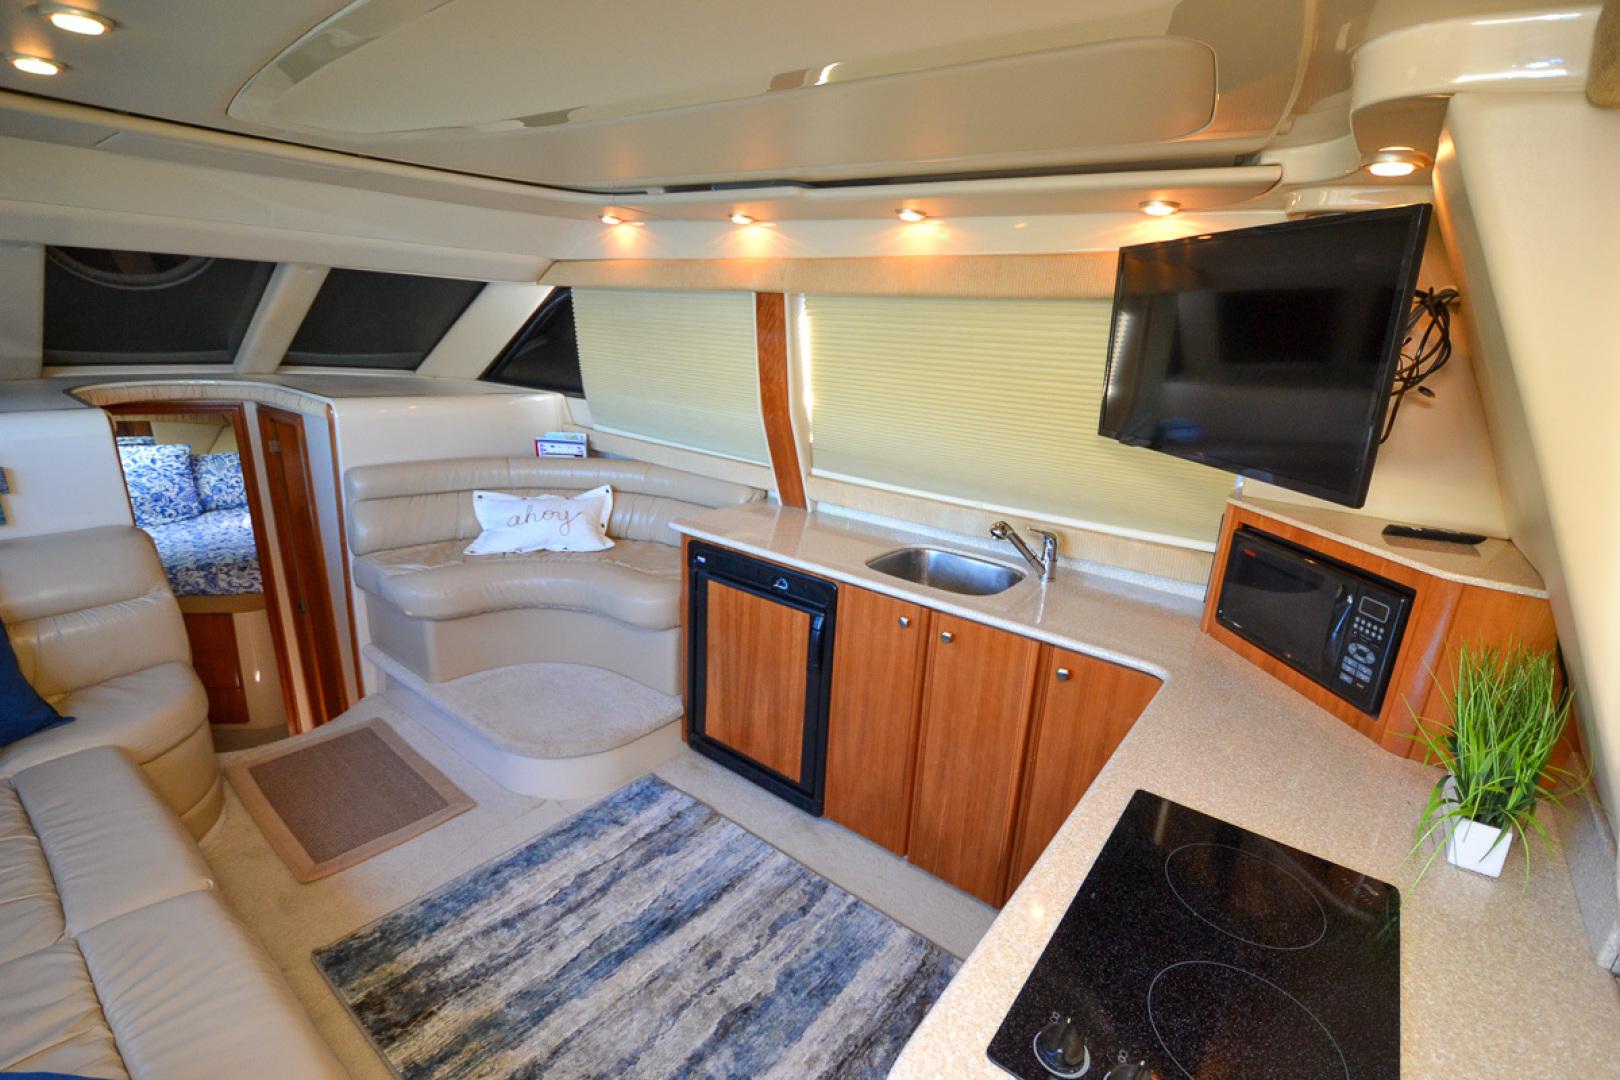 Meridian-341 Sedan 2004-Sea Harmony Belleair Beach-Florida-United States-1496642 | Thumbnail